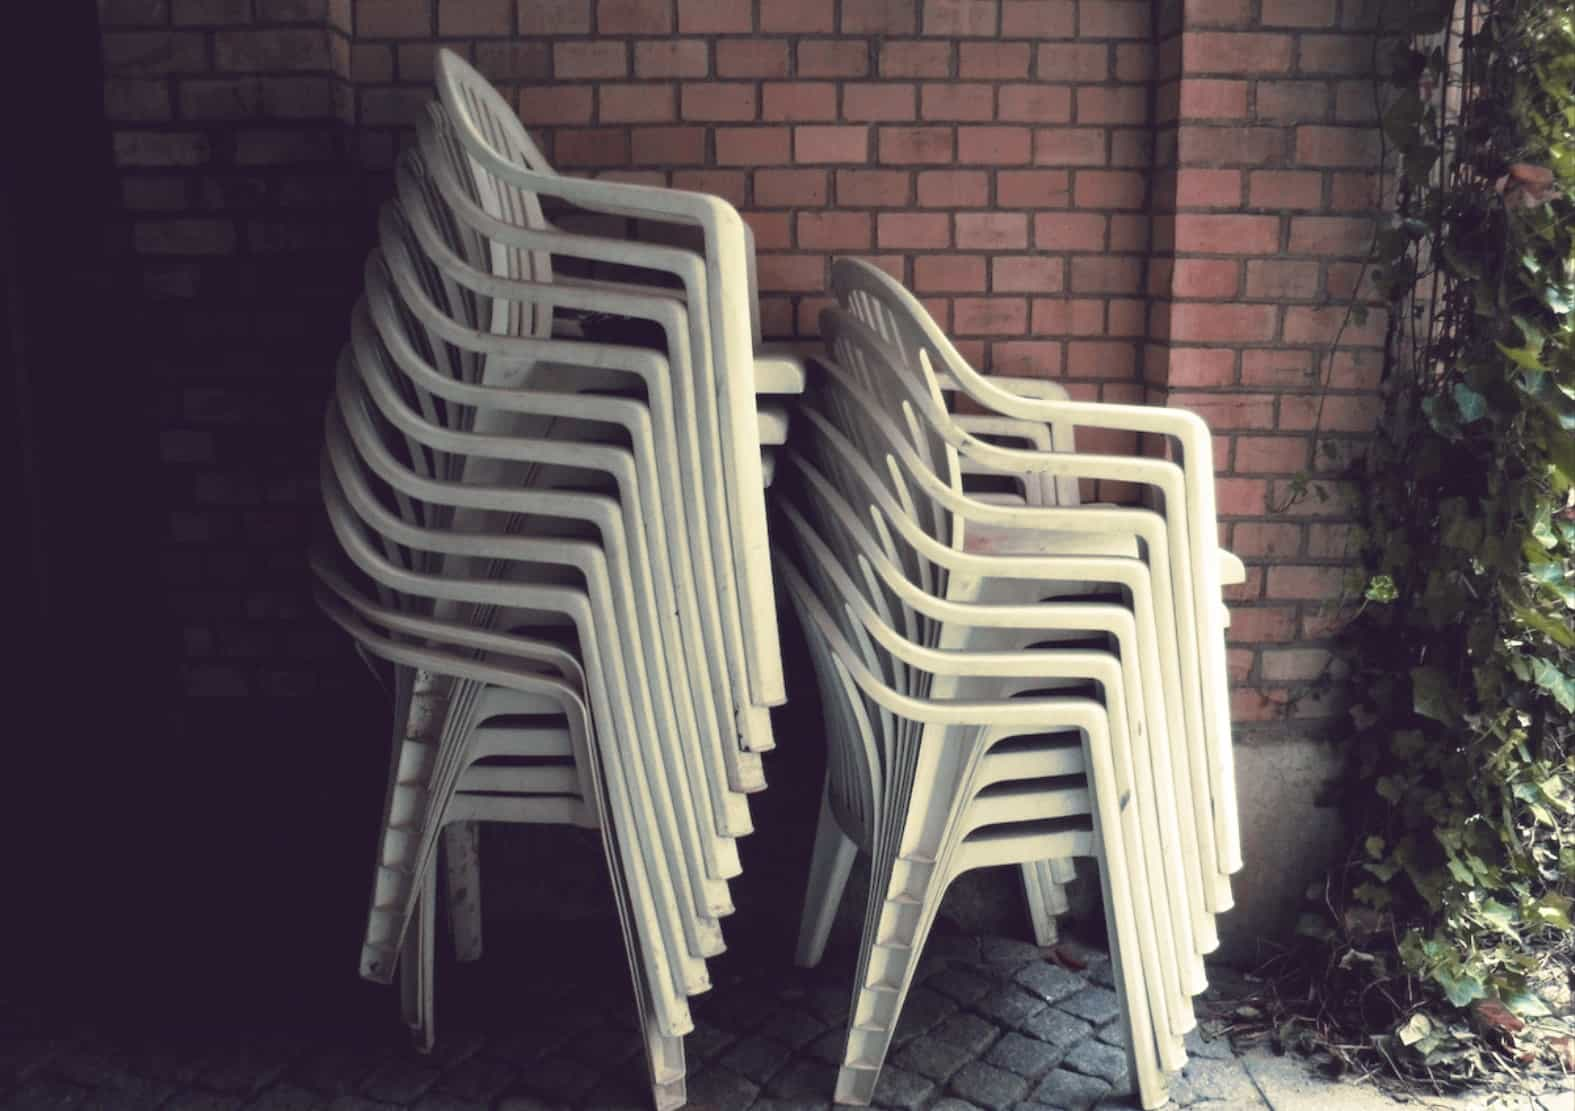 Как складываются стулья.